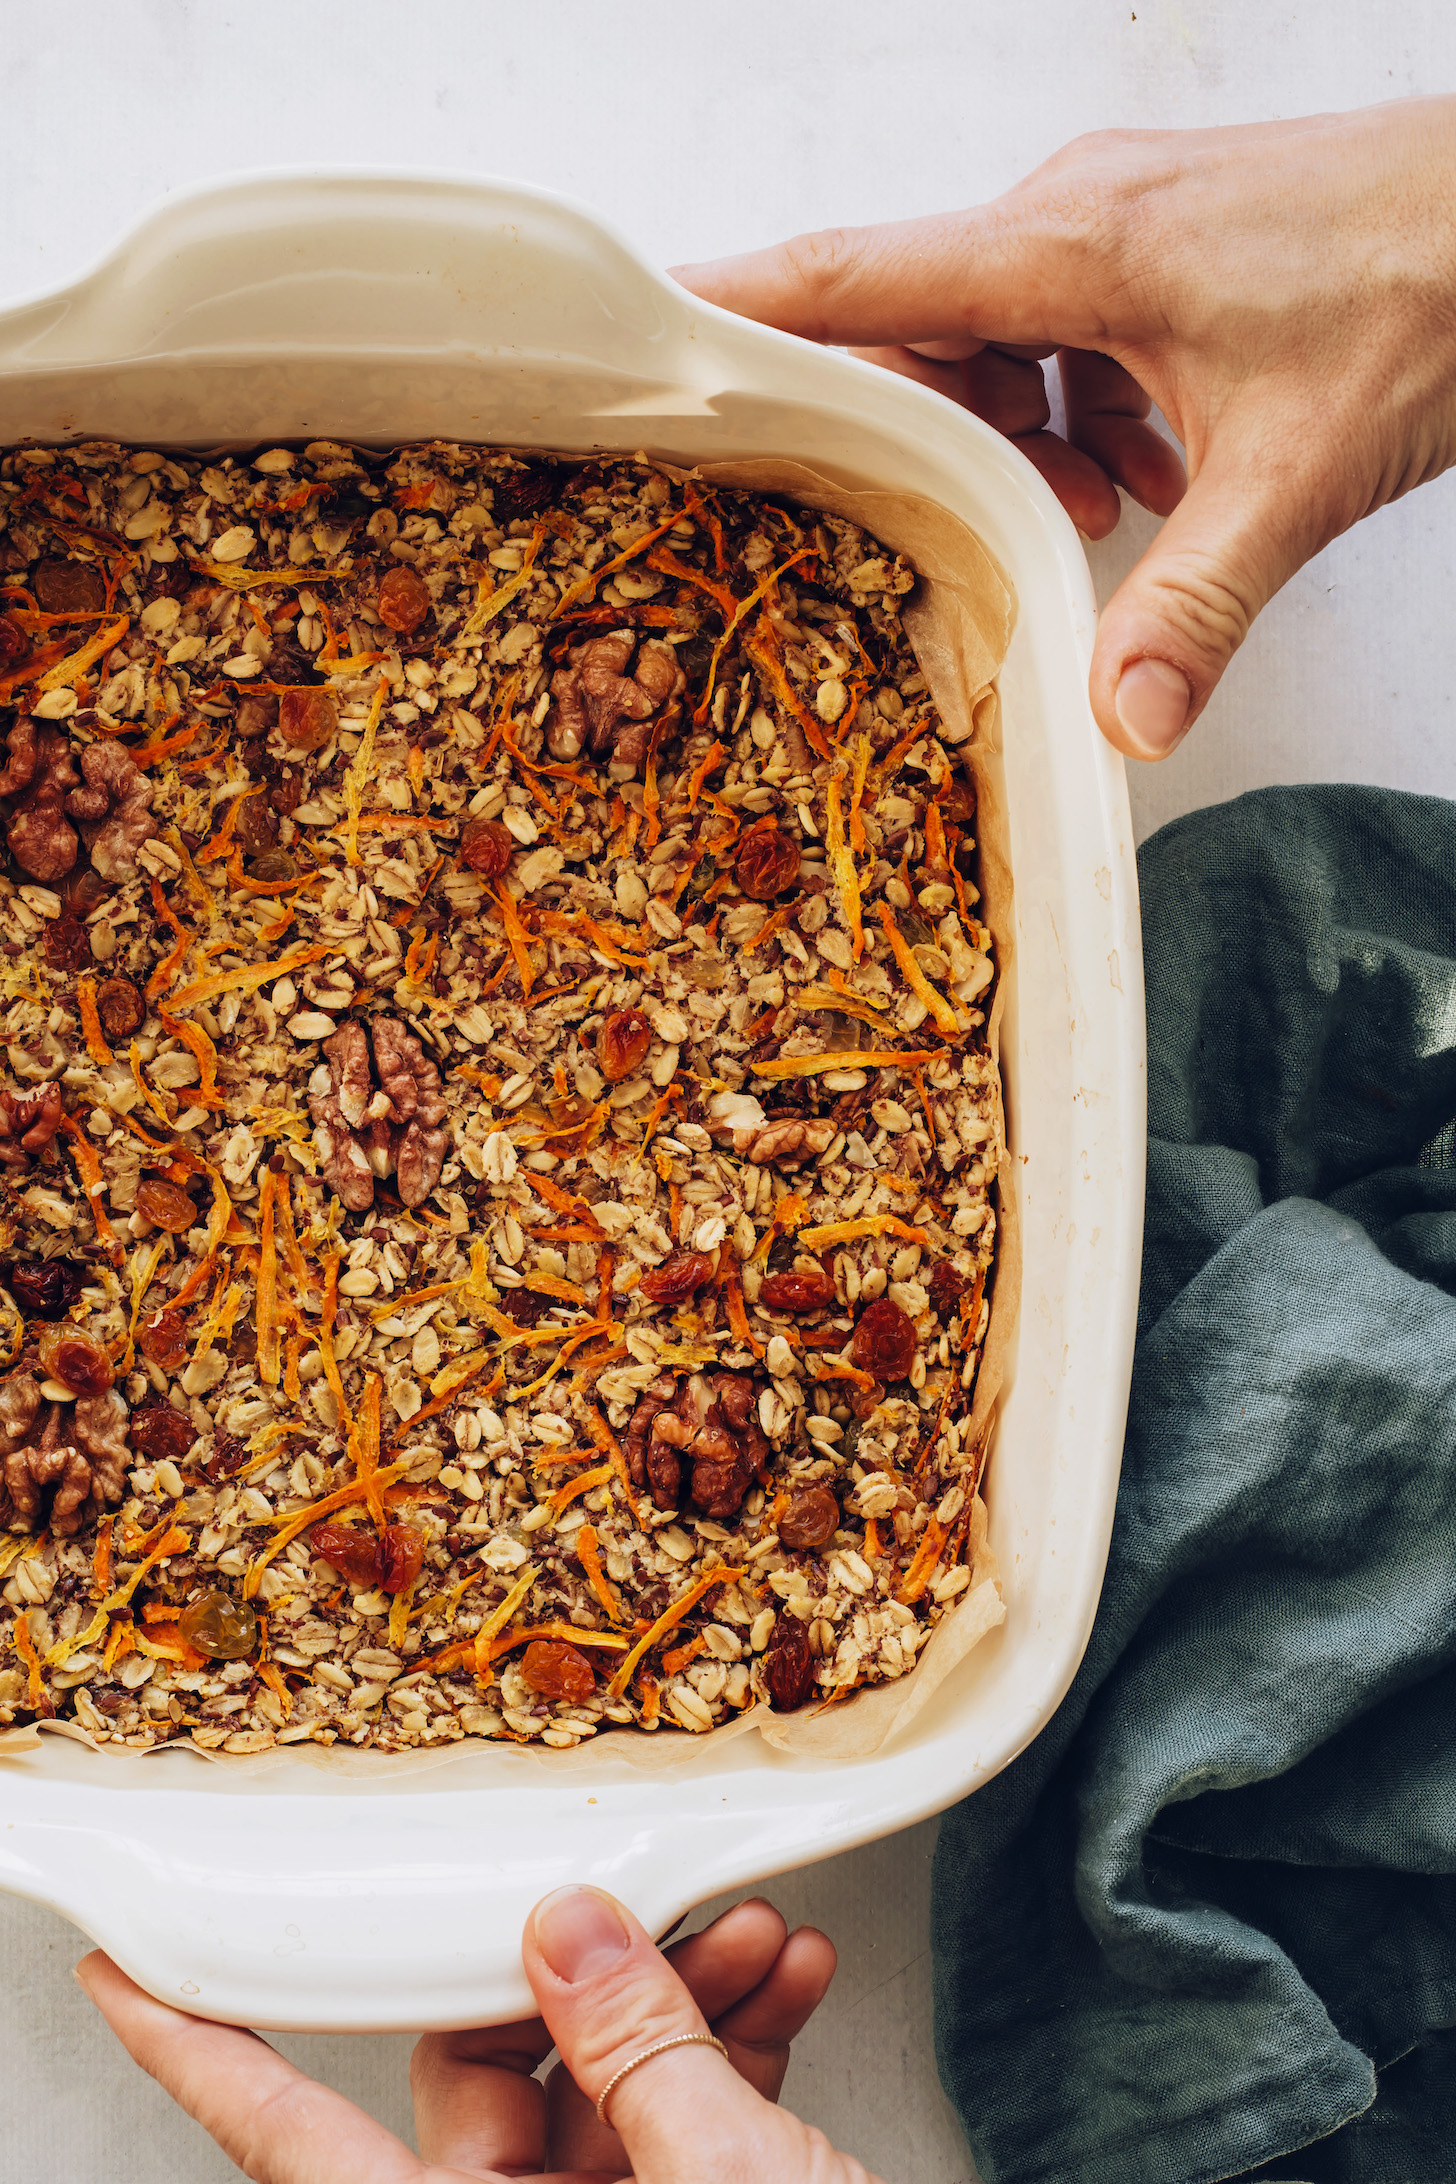 Форма для выпечки нашего морковного торта, запеченная овсянка